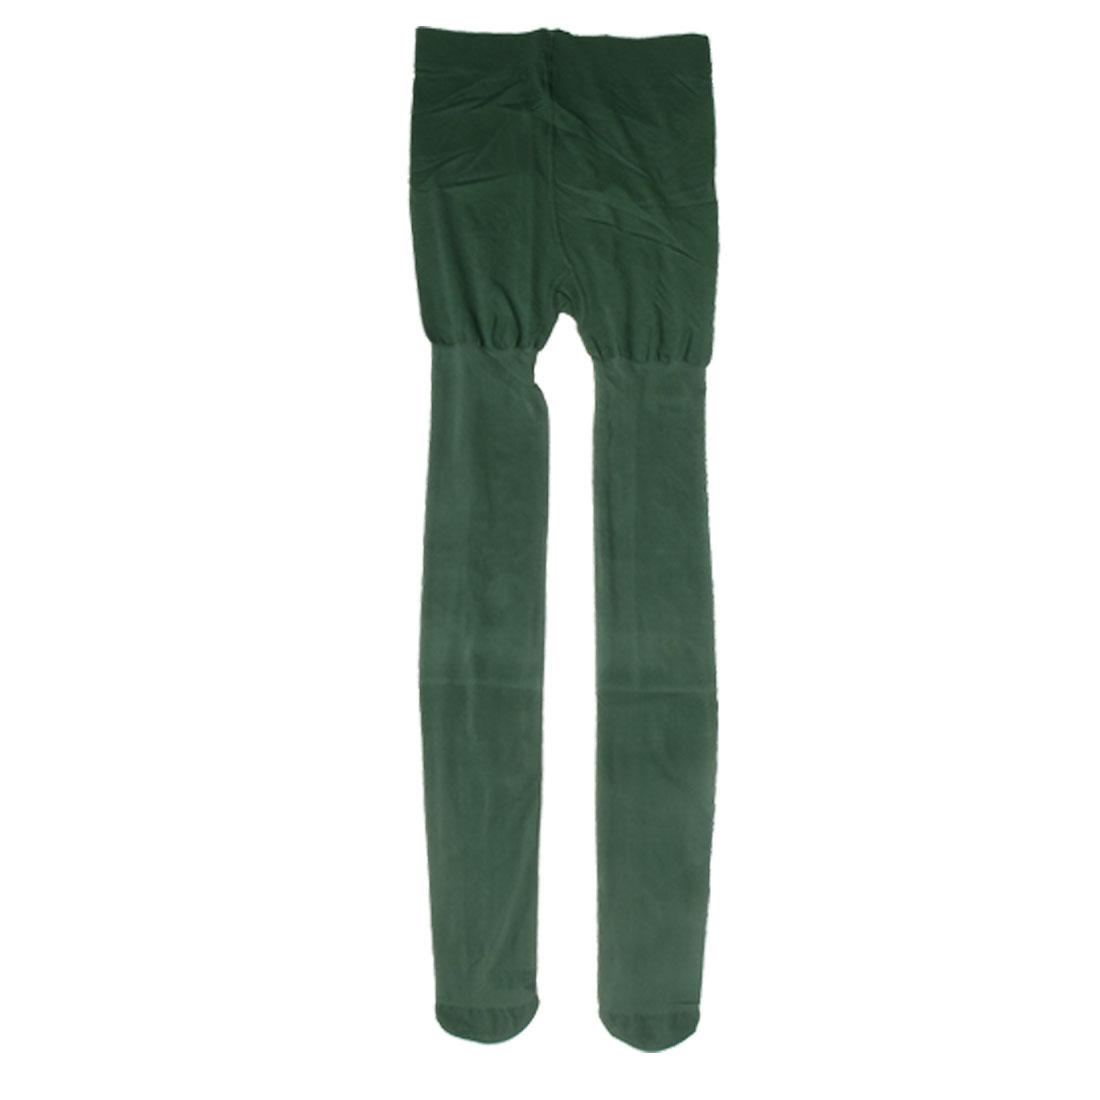 Woman Elastic Skinny Pantyhose Tights Full Foot Leggings Dark Green XS